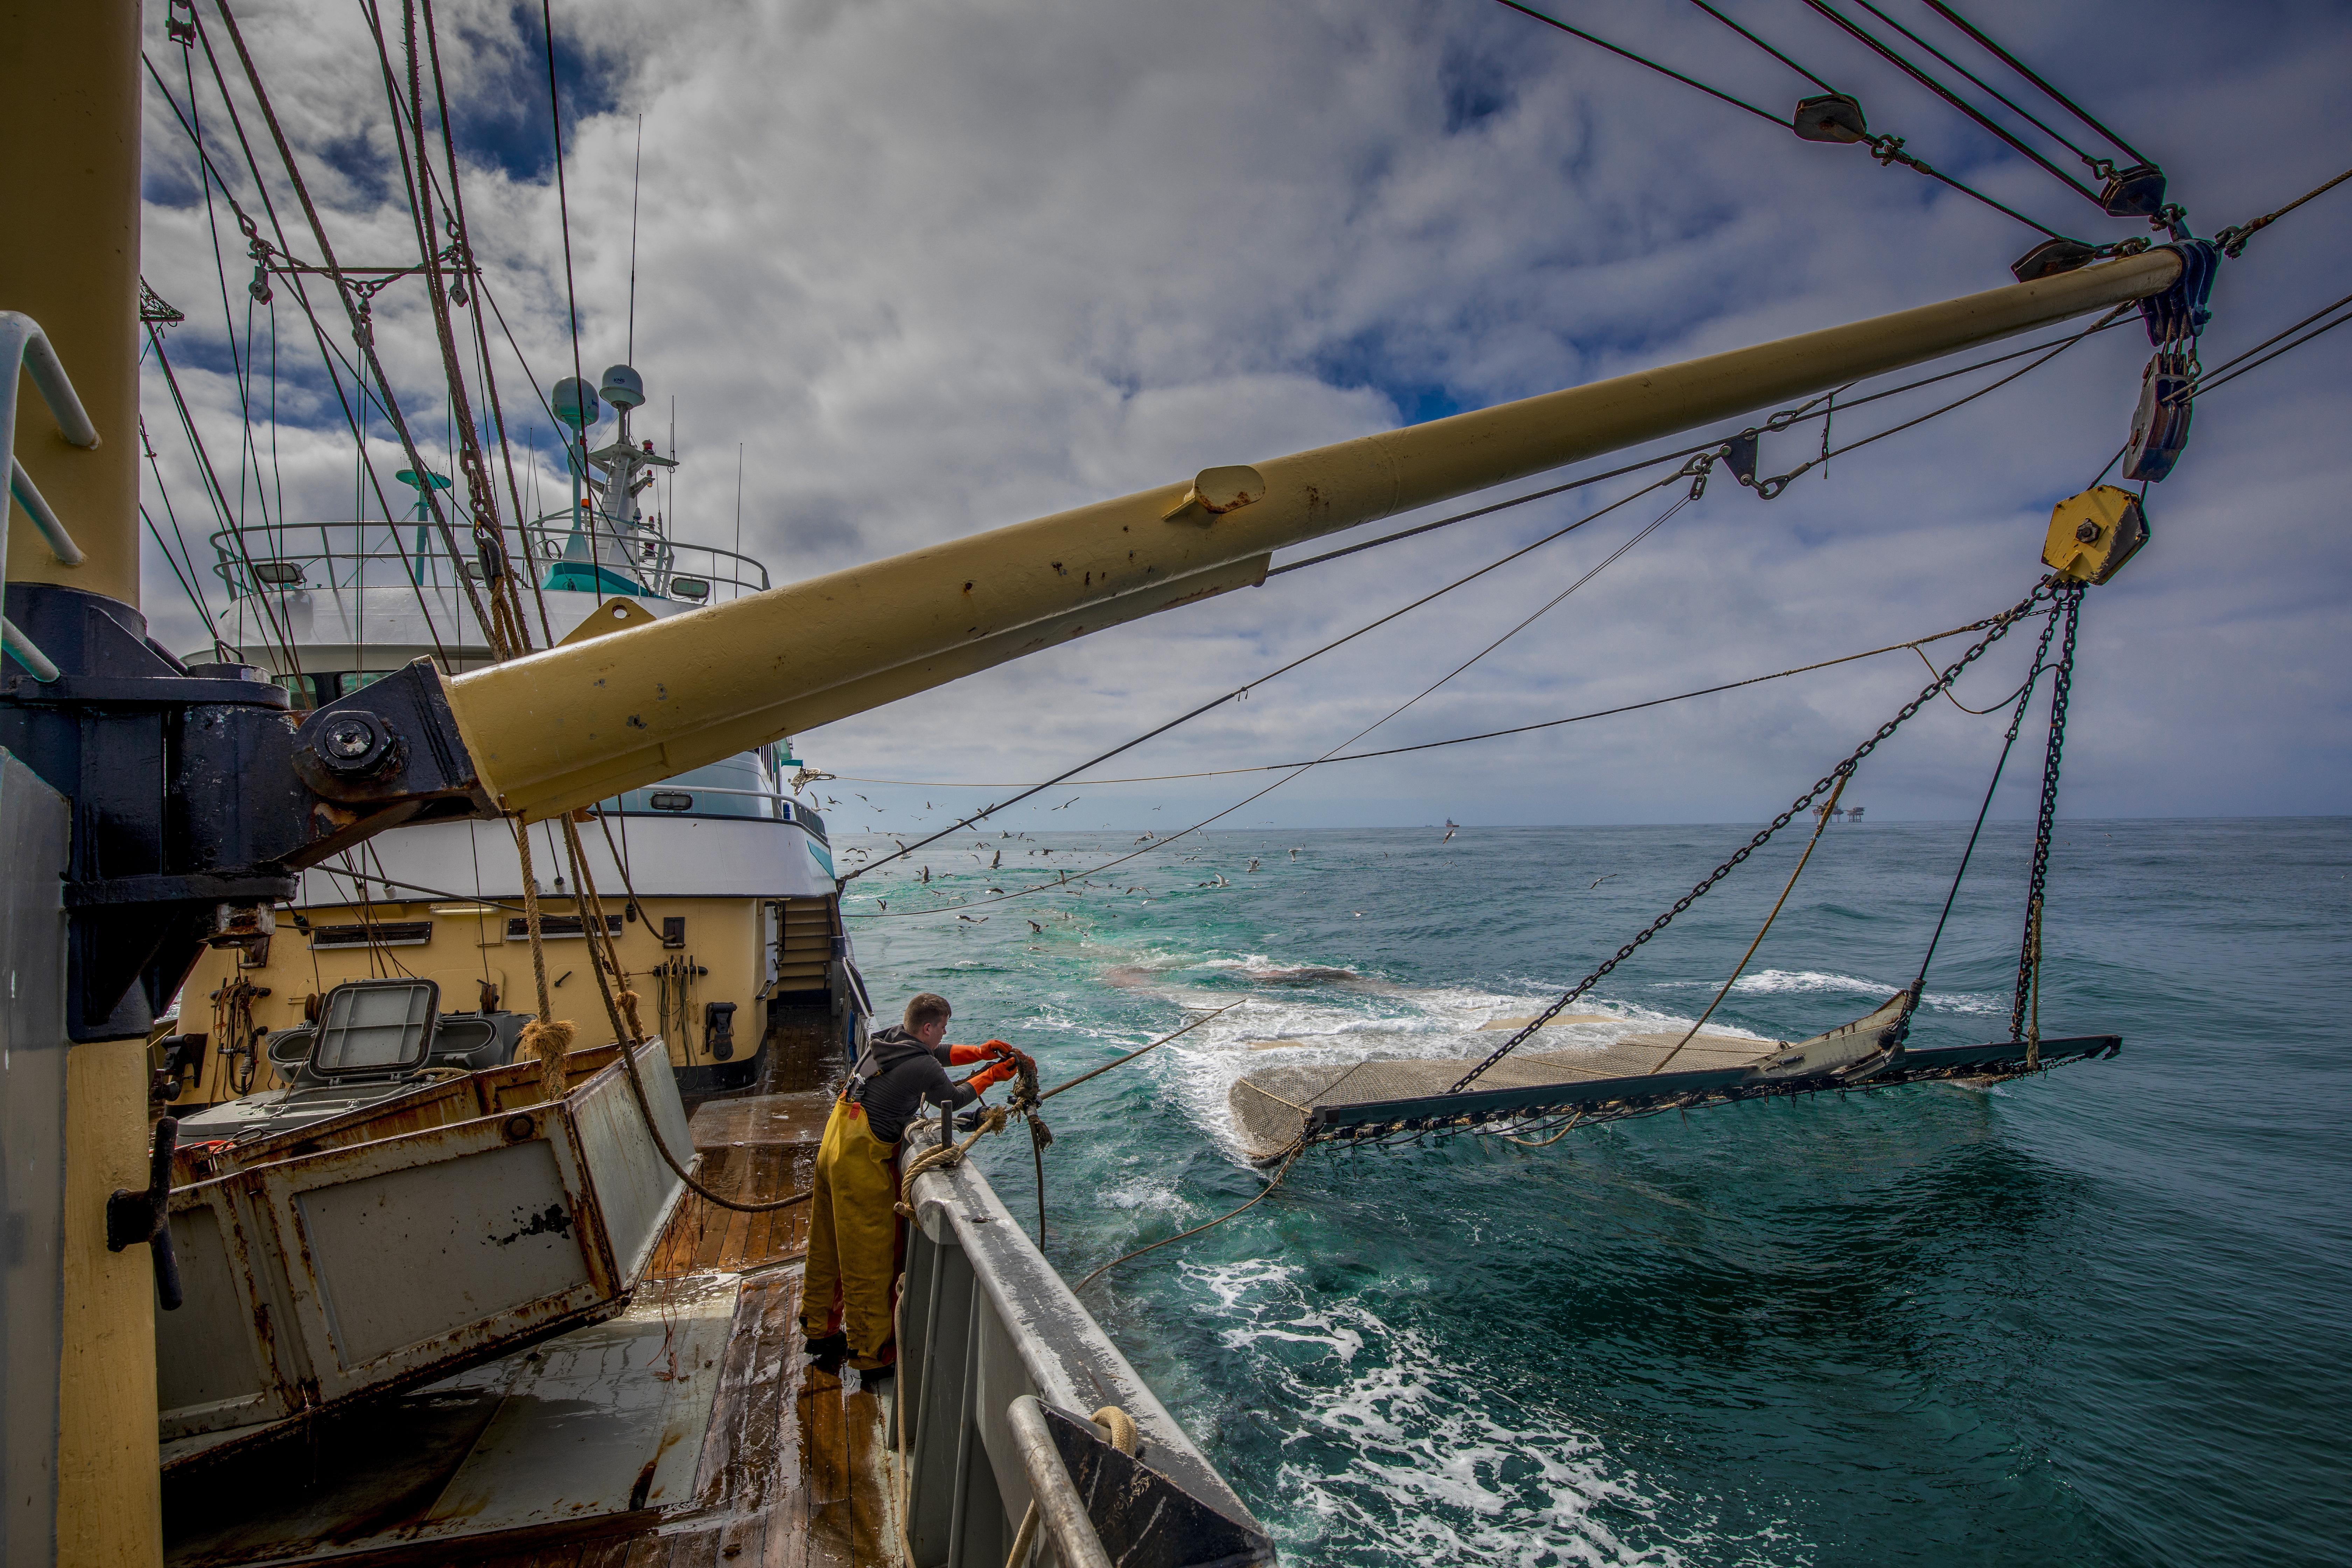 Iedereen zit aan tafel bij de conferentie over Europese zeeën in Den Helder, behalve de visserij | opinie